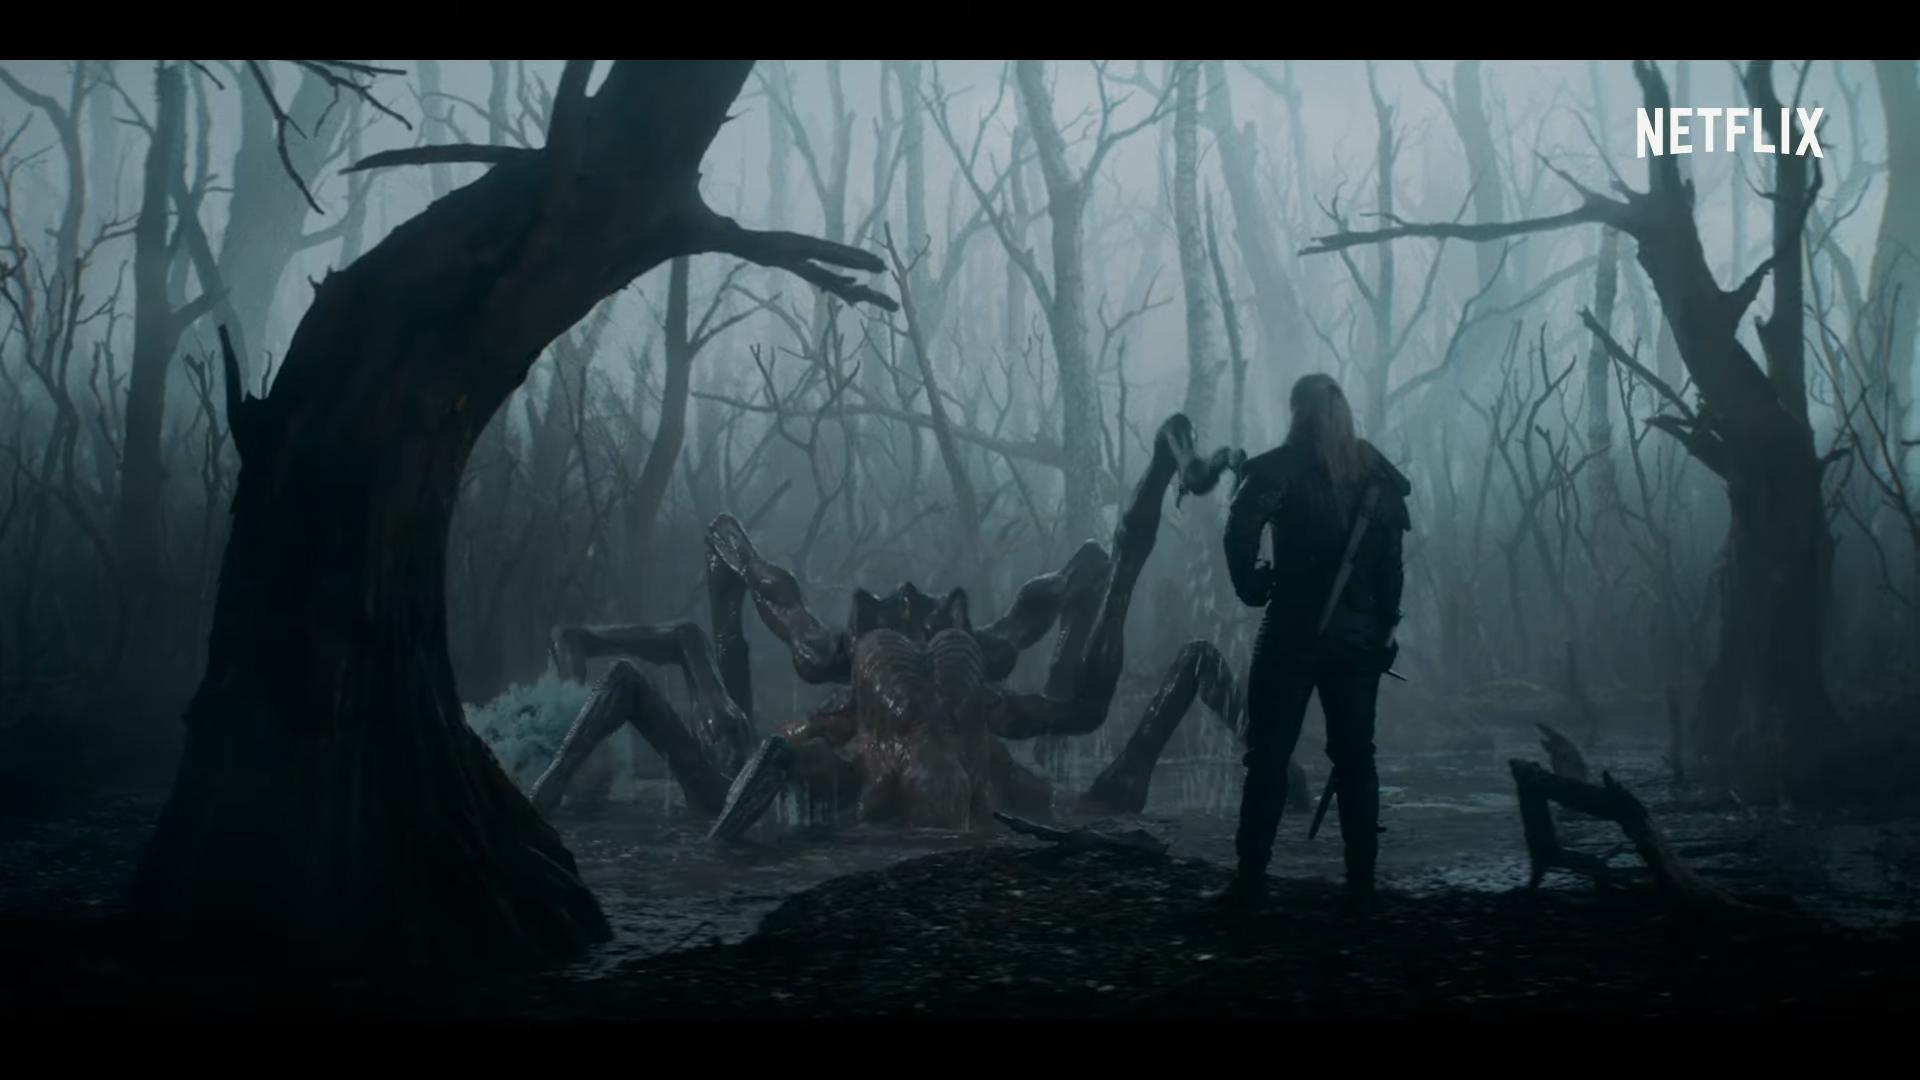 Netflix dévoile la première bande-annonce officielle de sa série The Witcher